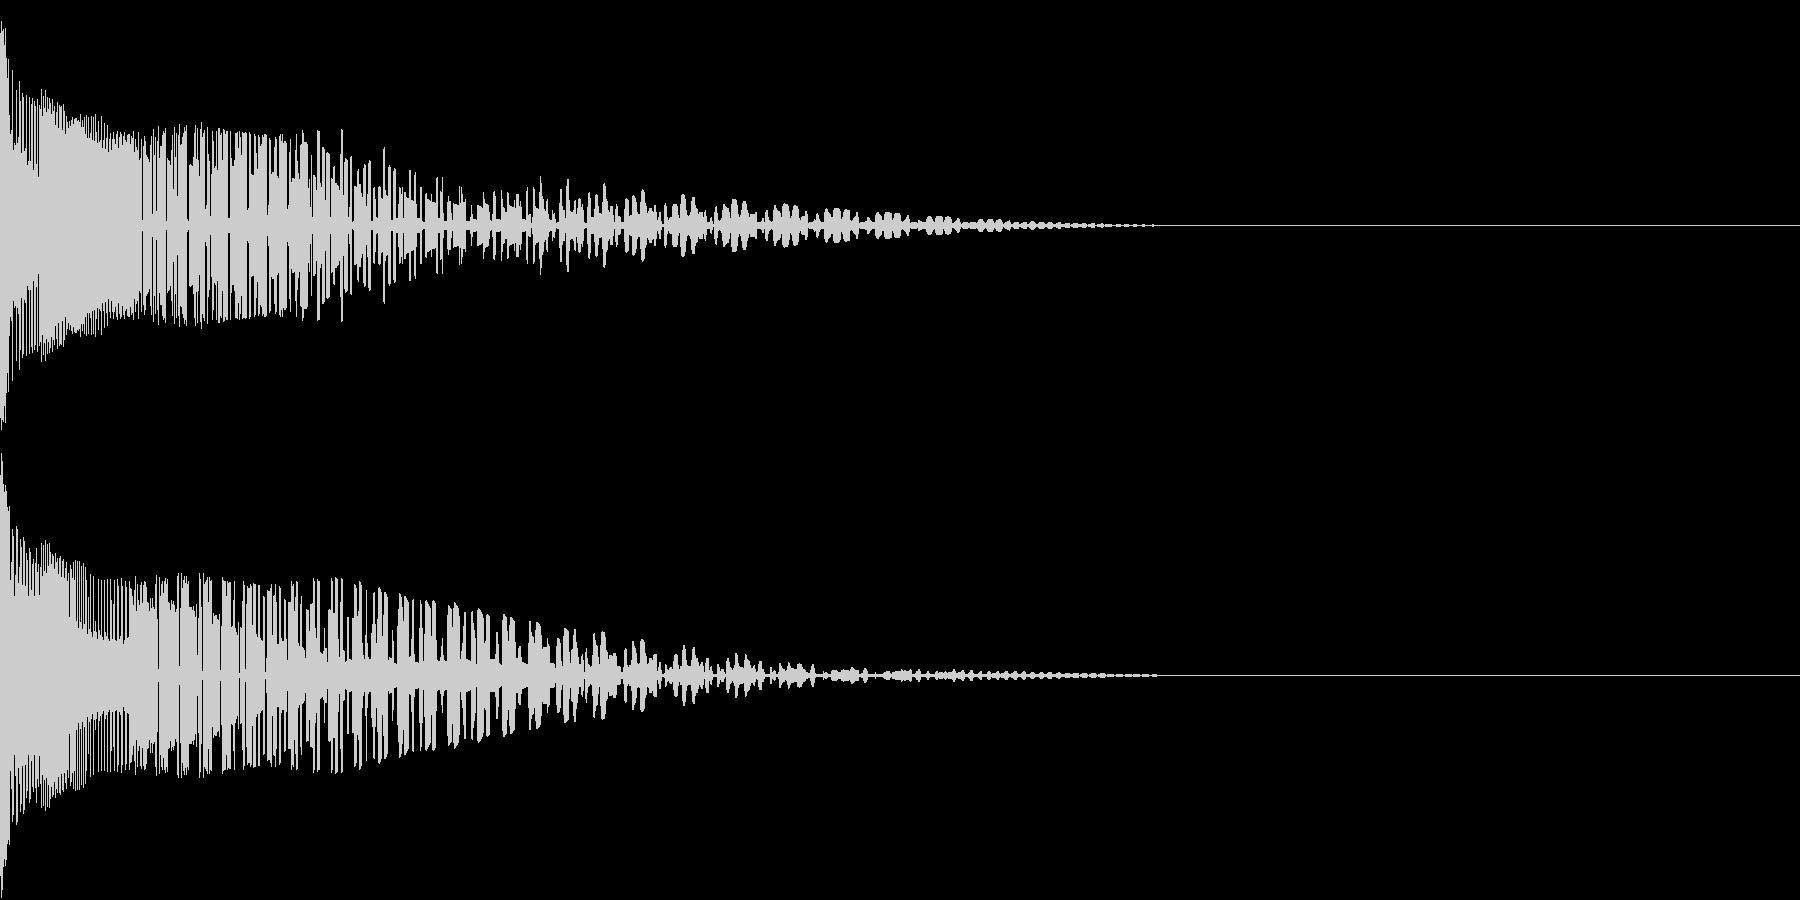 Henteko 可愛いクラッシュ音 6の未再生の波形